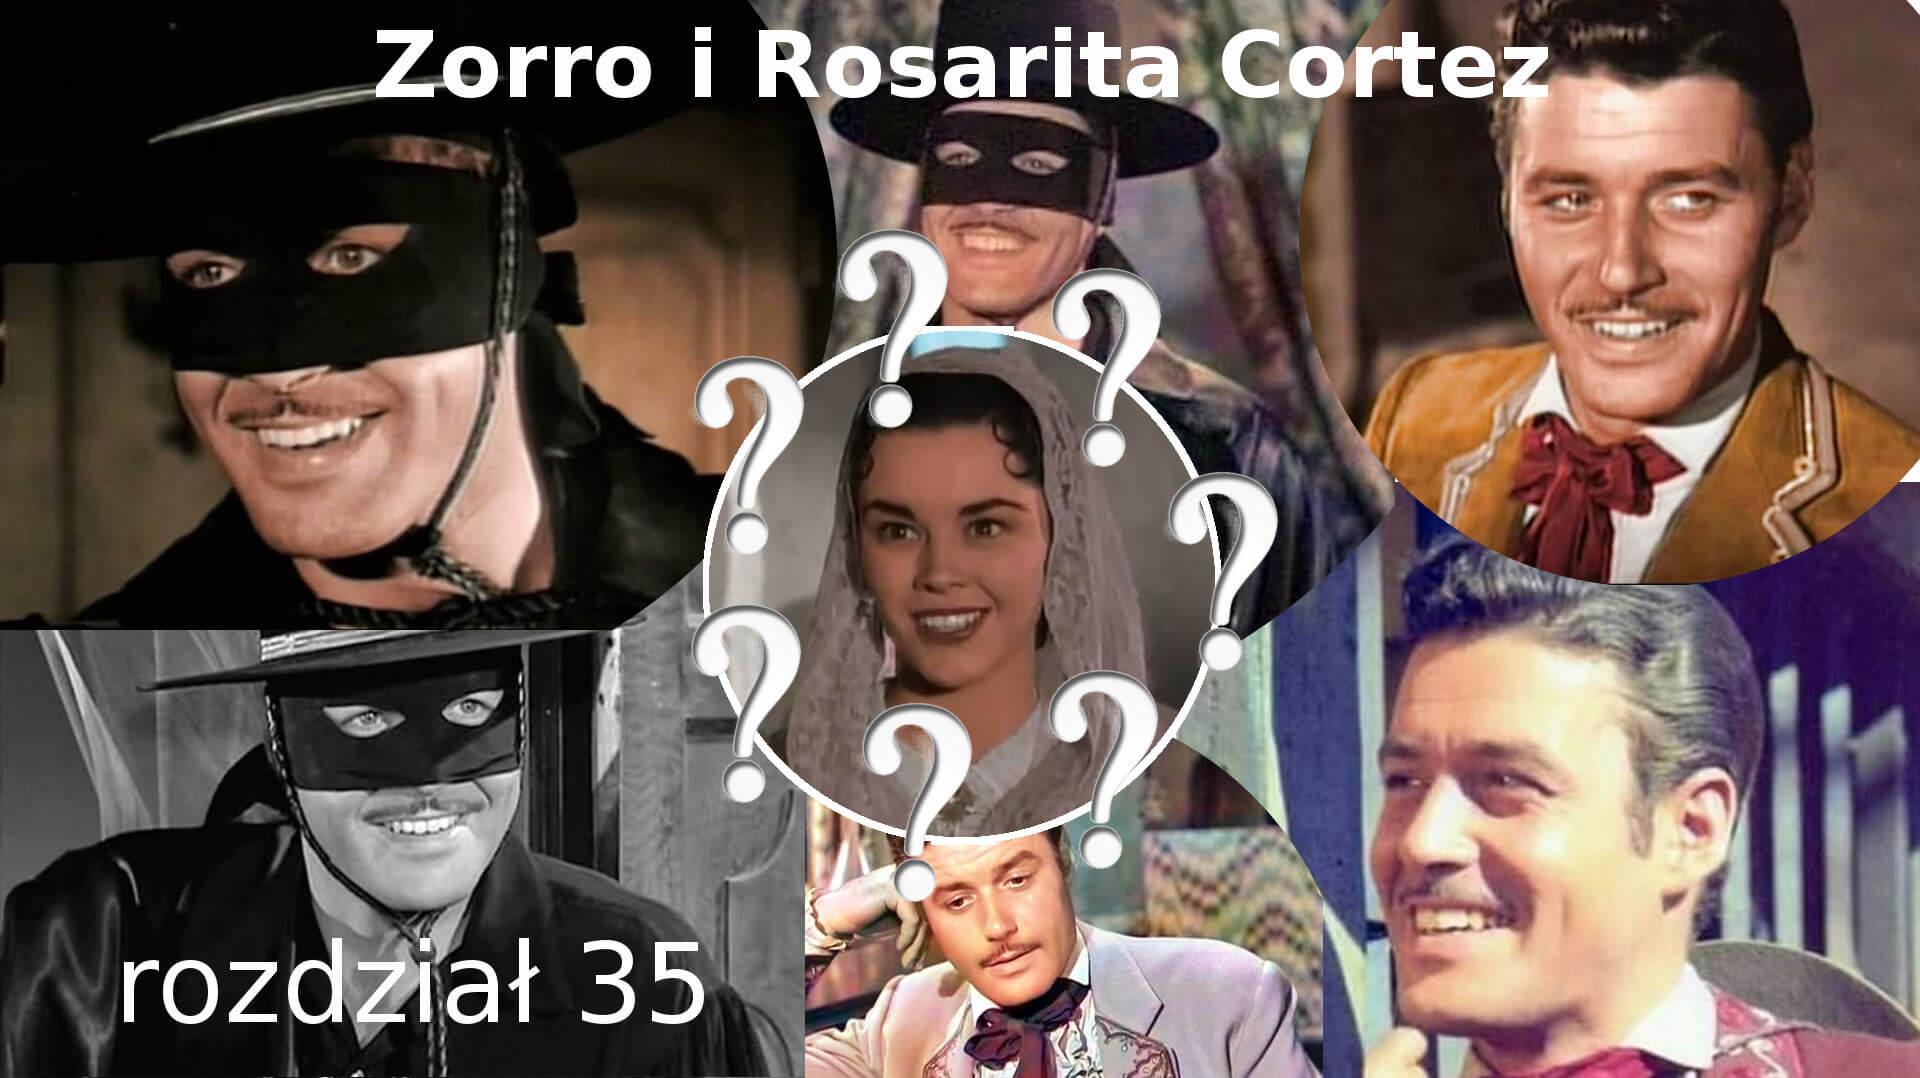 Zorro i Rosarita Cortez rozdział 35 Walt Disney Zorro fanfiction